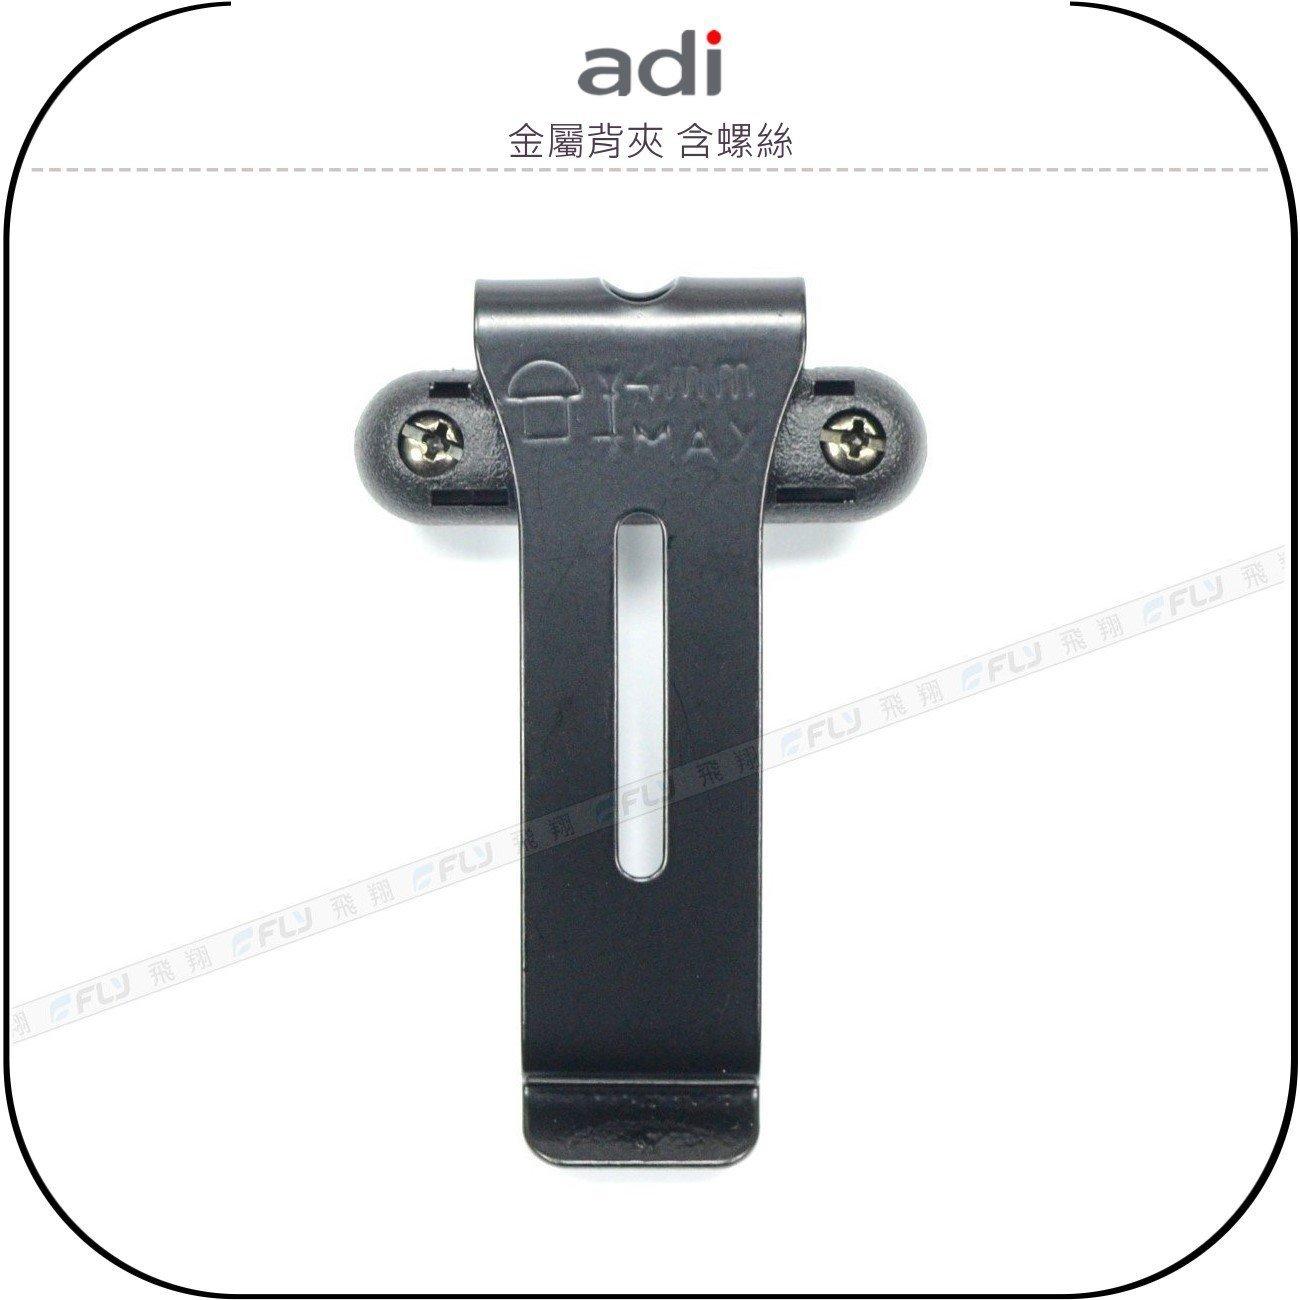 飛翔無線3C 《飛翔無線》ADI 金屬背夾 含螺絲│公司貨│適用 AF-68 AF-16 AF-46│原廠背扣 主機腰掛 皮帶架